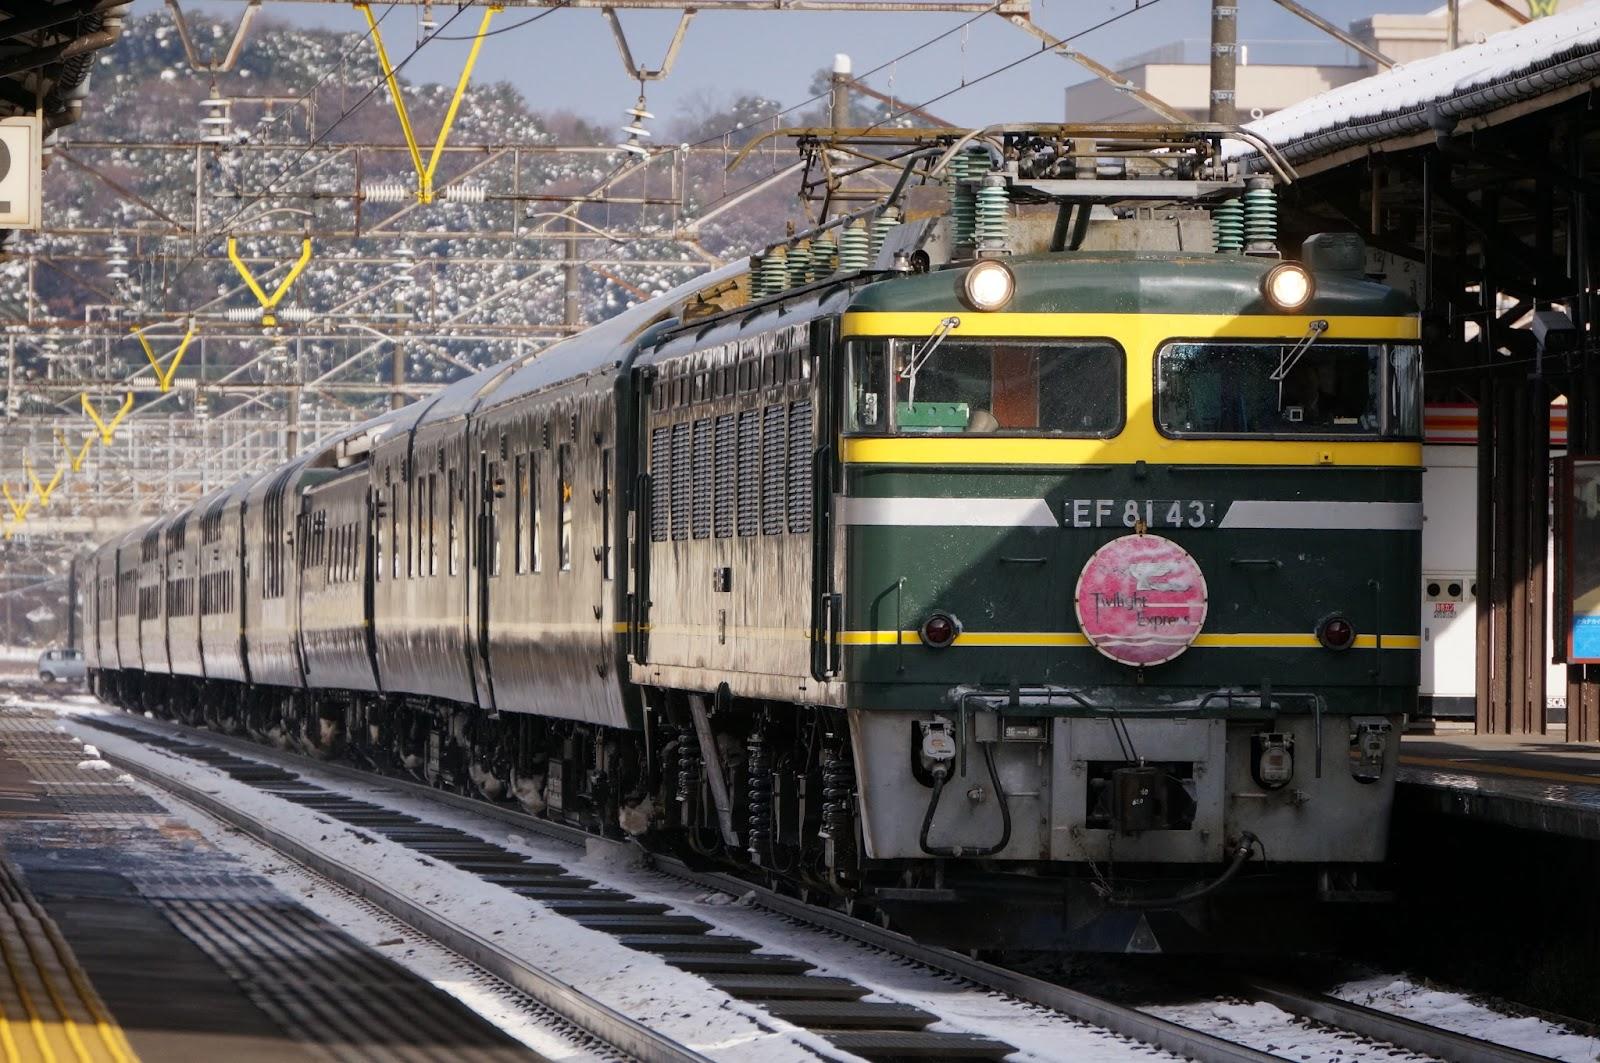 芦原温泉駅を通過する寝台特急トワイライトエクスプレス